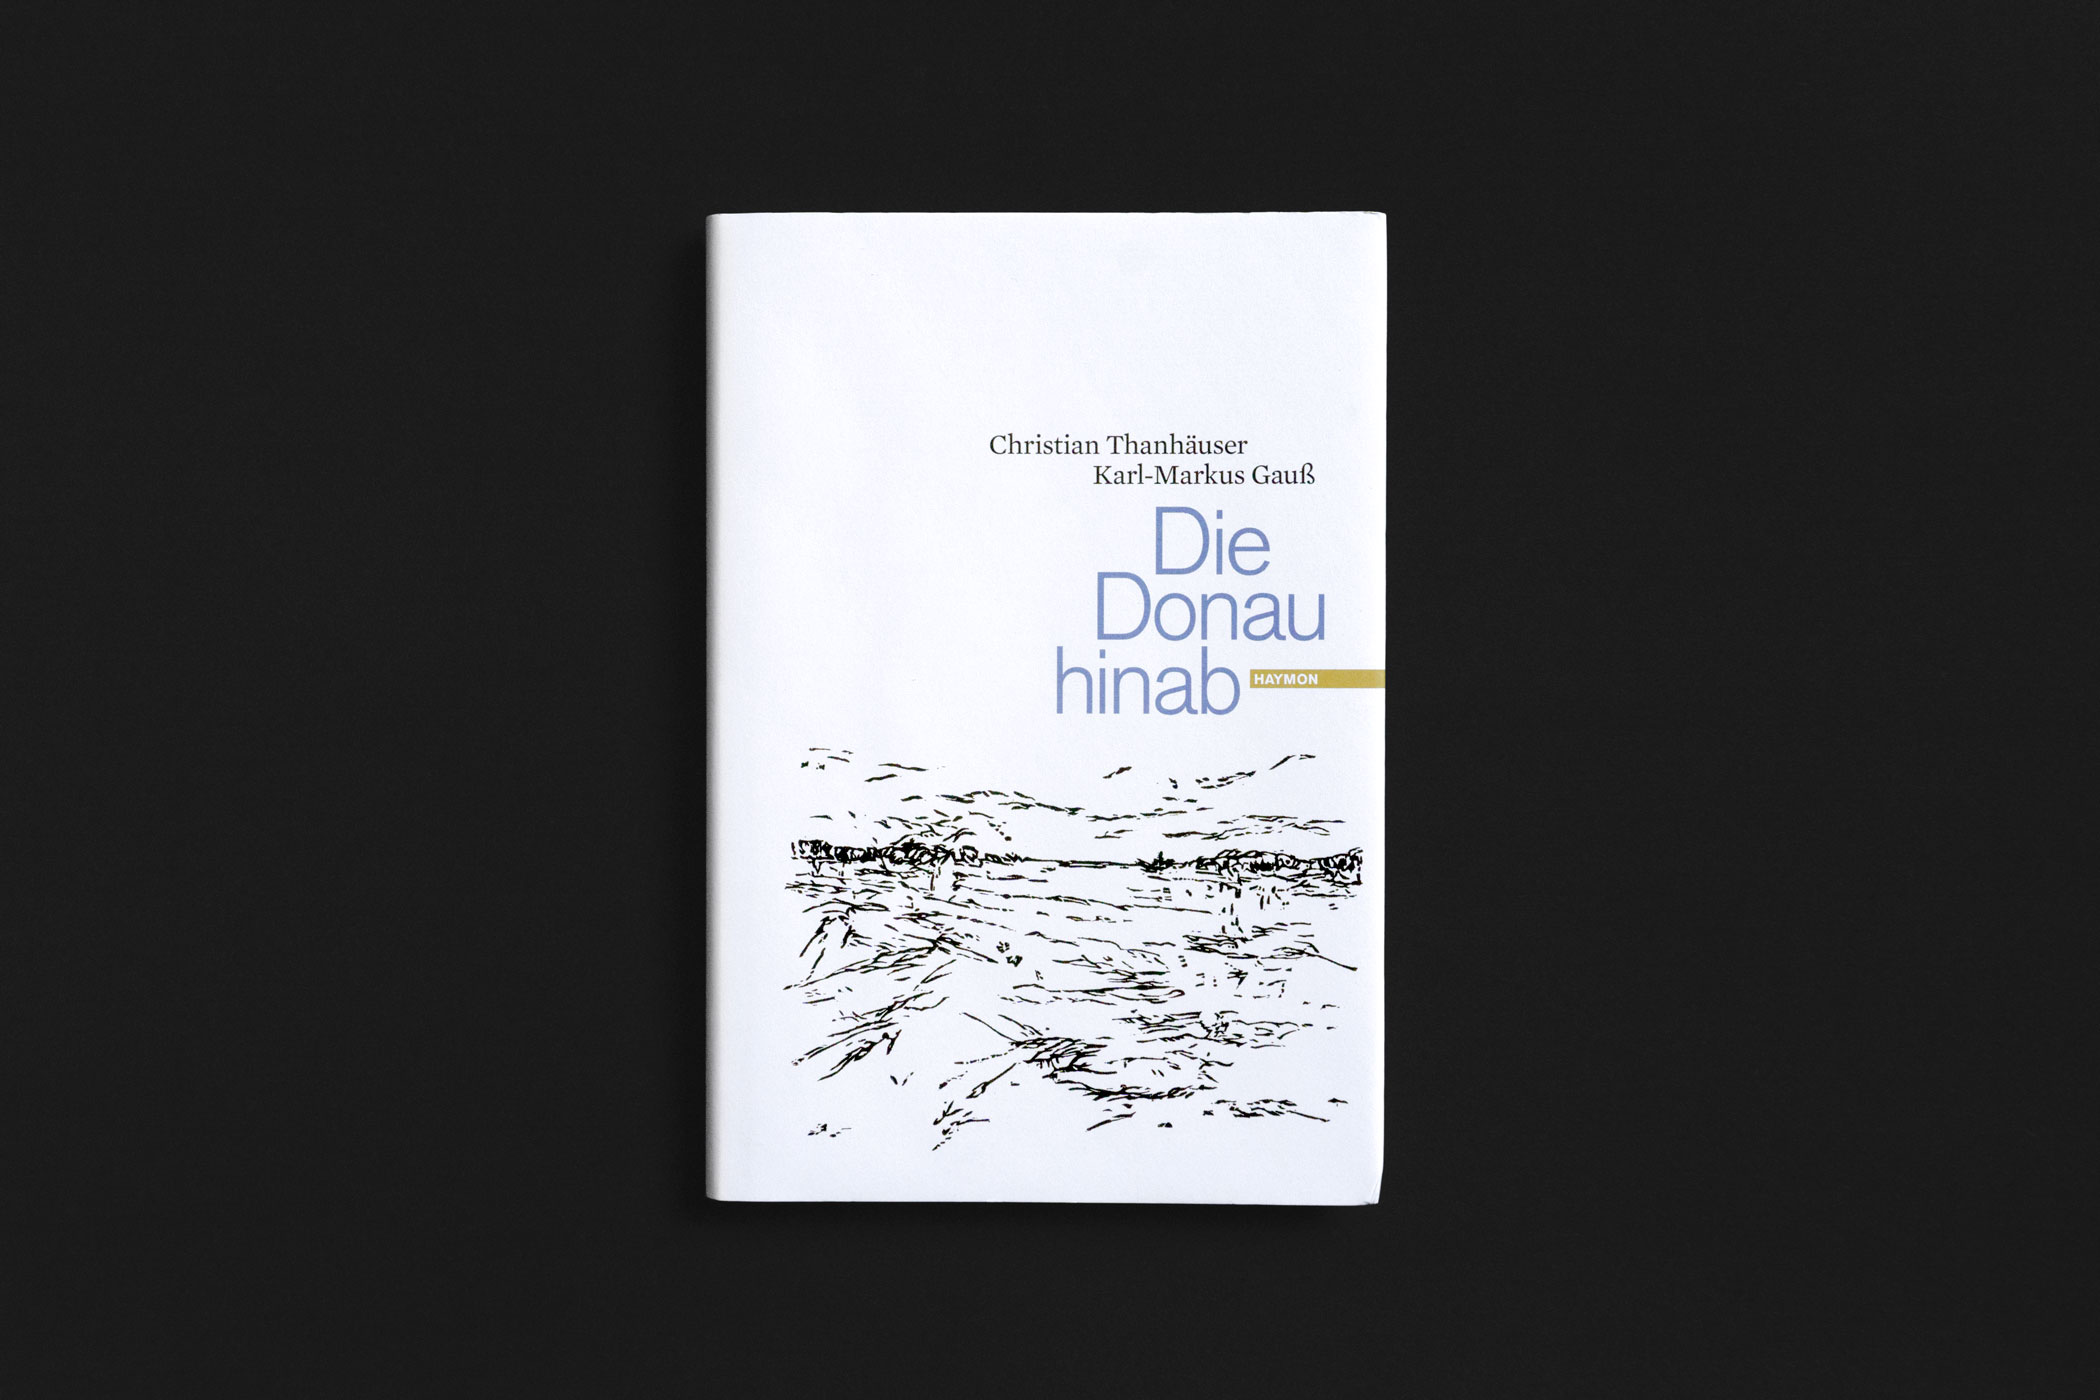 """Das Buch """"Die Donau hinab"""" von Christian Thanhäuser und Karl-Markus Gauß erschienen im Verlag Haymon mit einem Holzschnitt der Donau von Christian Thanhäuser am Umschlag"""